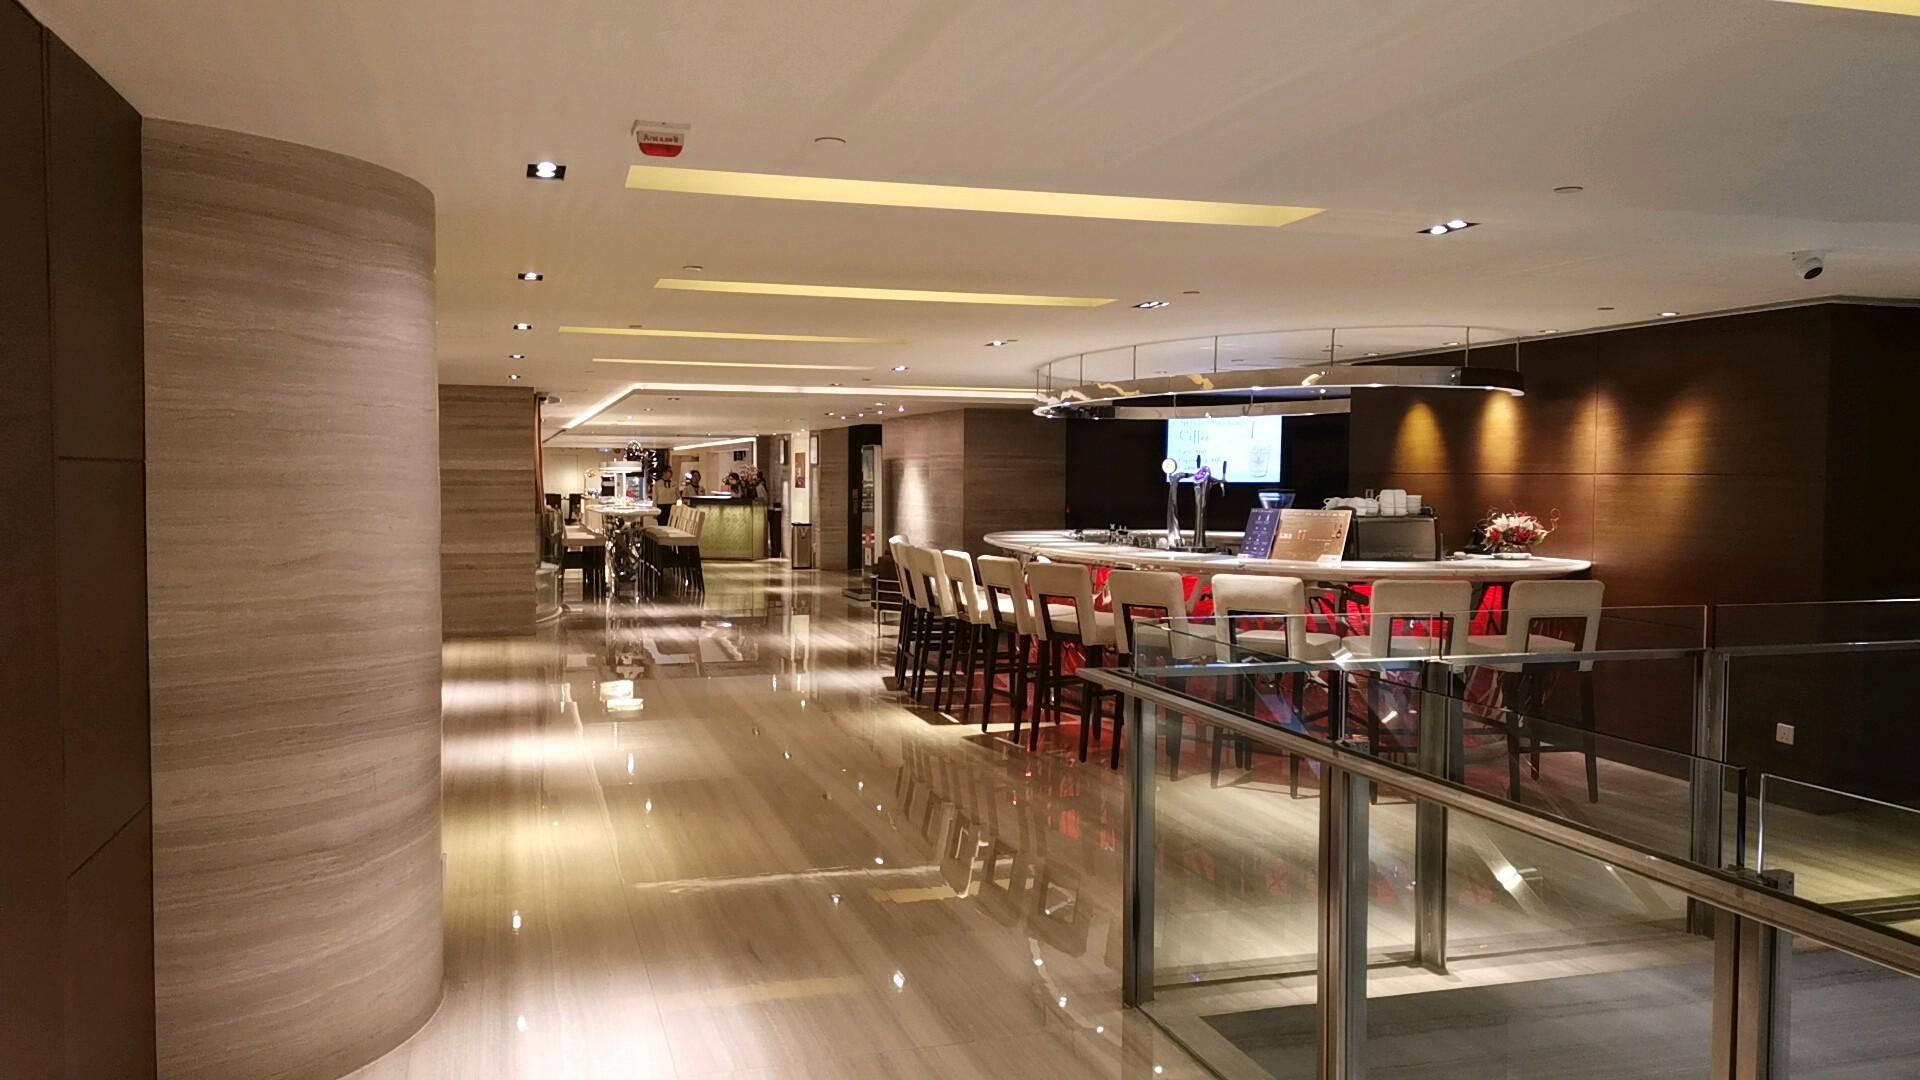 プルデンシャルホテルレストラン